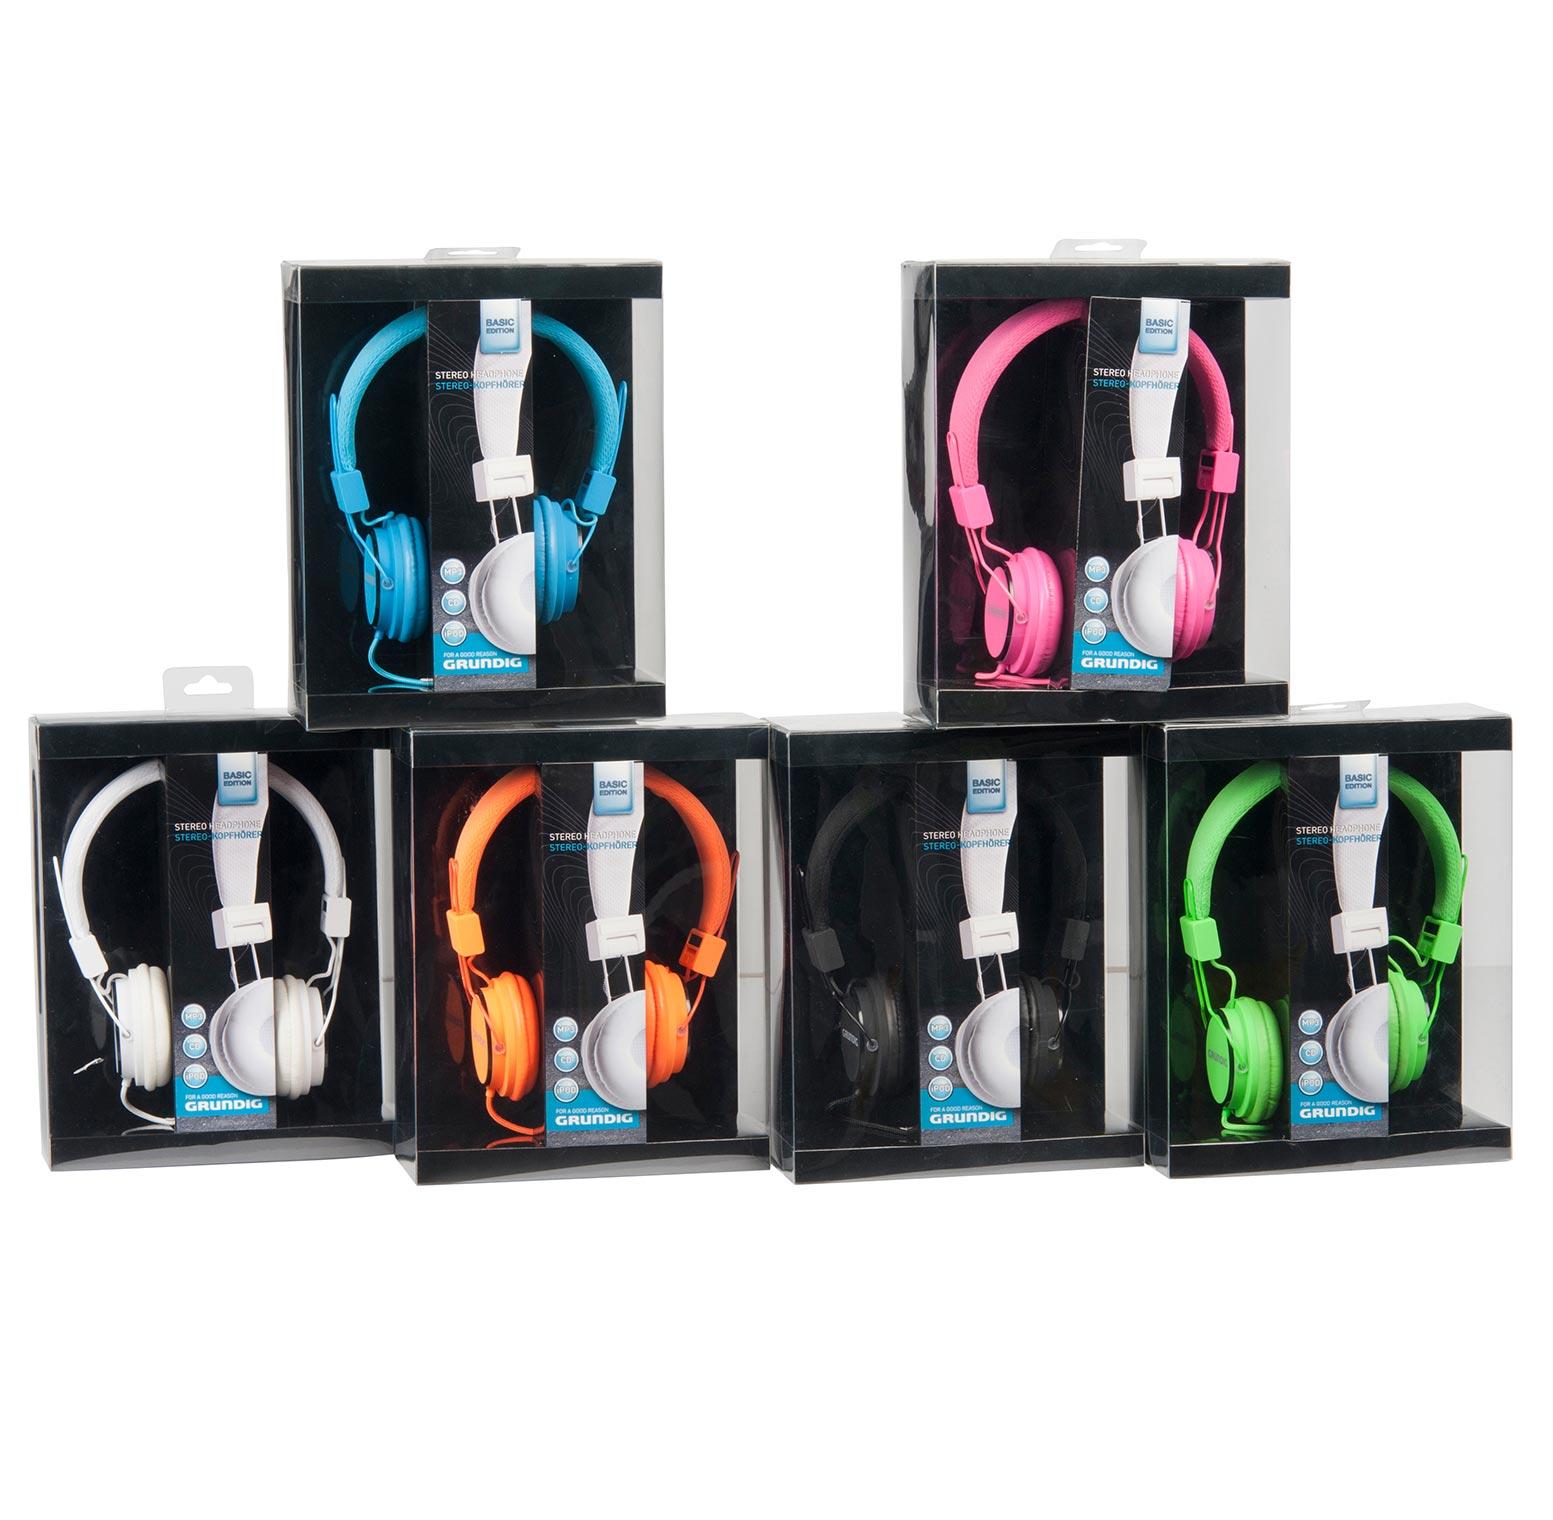 אוזניות קשת בגודל בינוני מסדרת BASIC מבית GRUNDIG במגוון צבעי לבחירה - תמונה 2